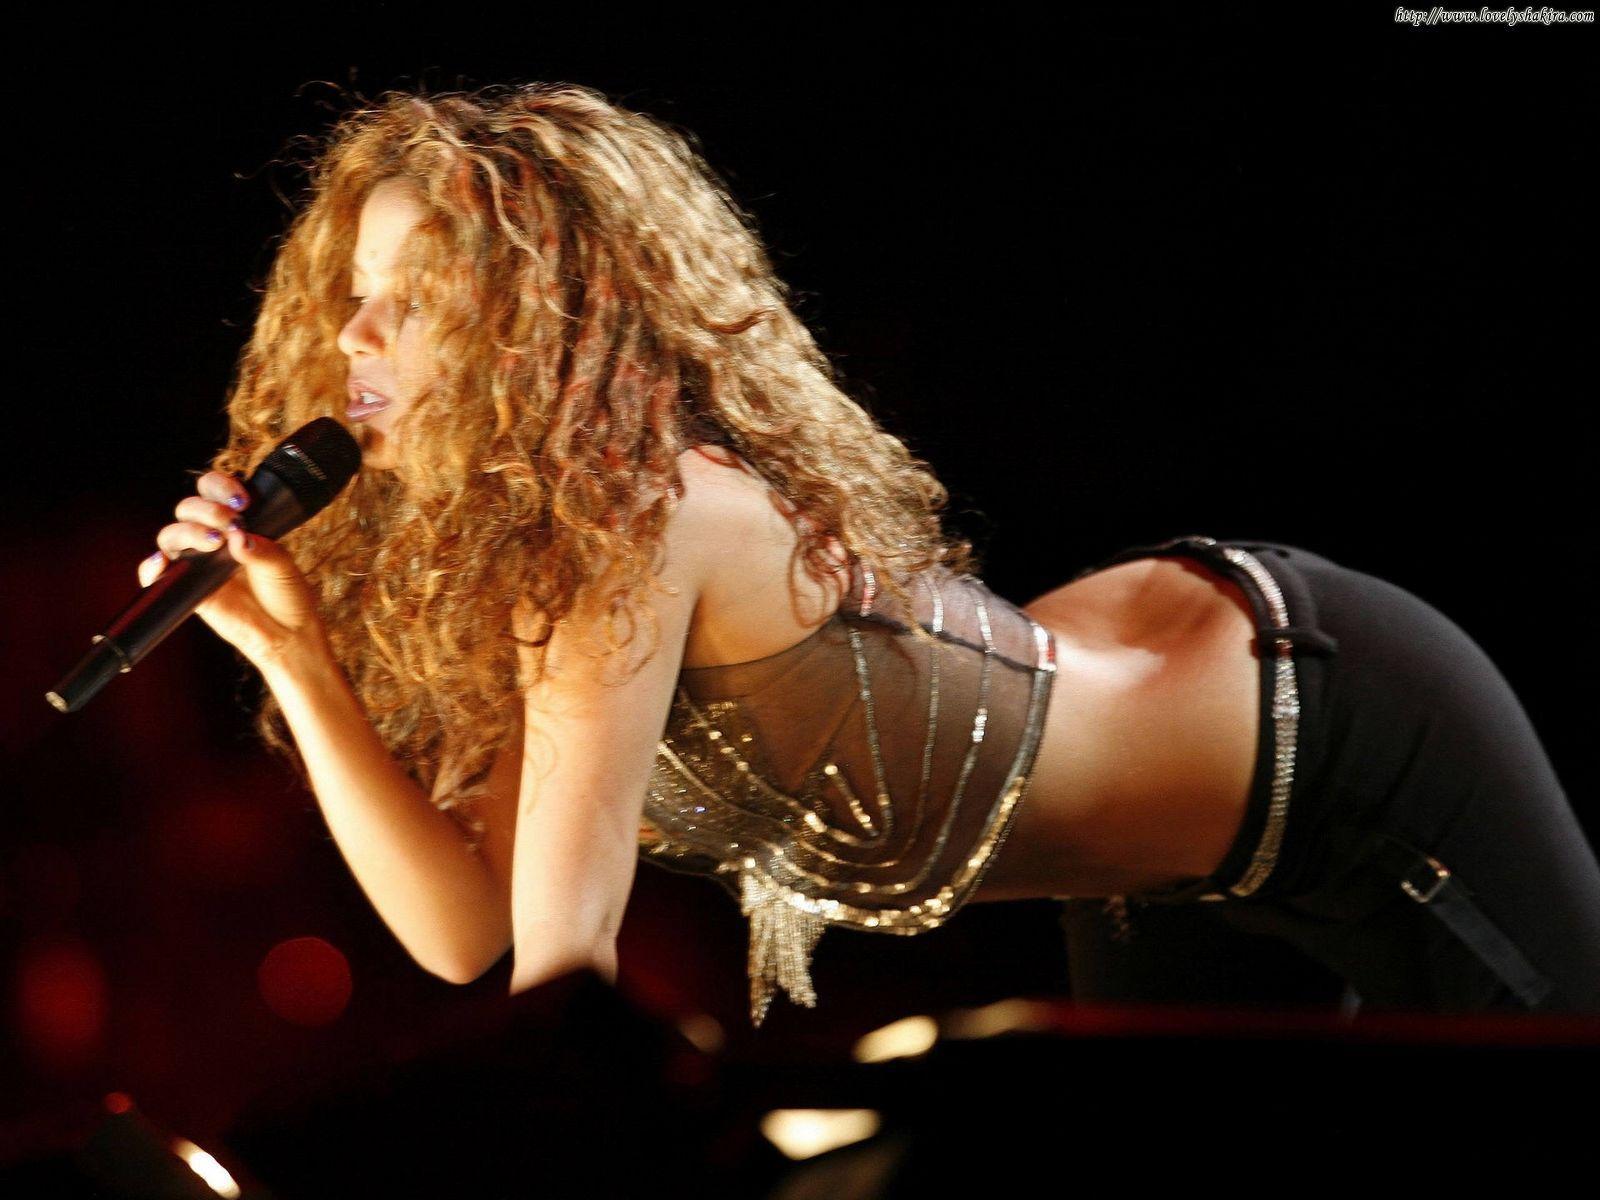 http://4.bp.blogspot.com/-j69xlgORNKY/UO1tS8BJoEI/AAAAAAAAJ2Y/vLgAuP5XQGI/s1600/Shakira_HD_Wallpaper_1600_x_1200__DEJSJL.jpg